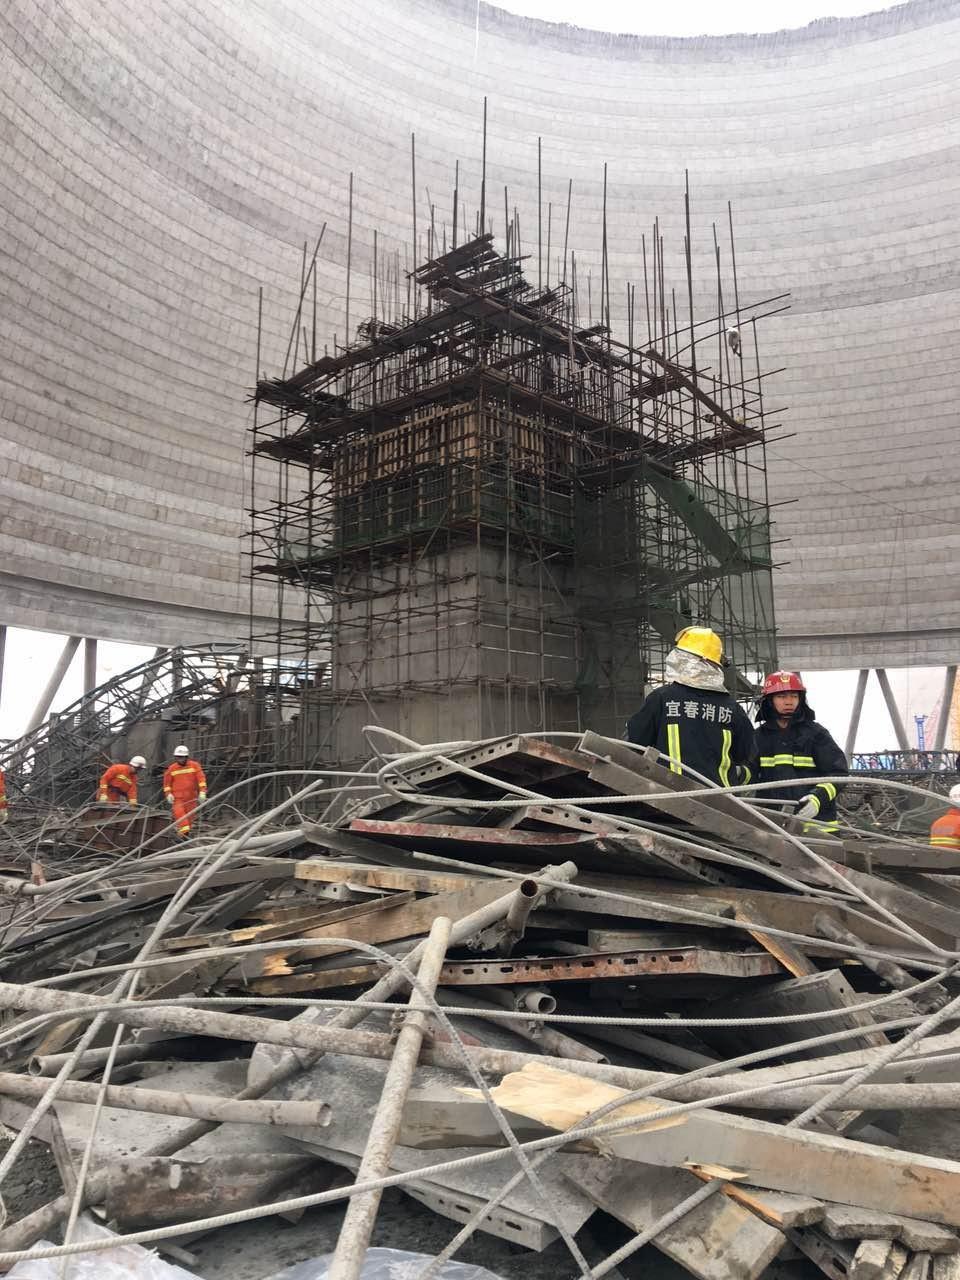 江西丰城一电厂冷却塔施工平台倒塌